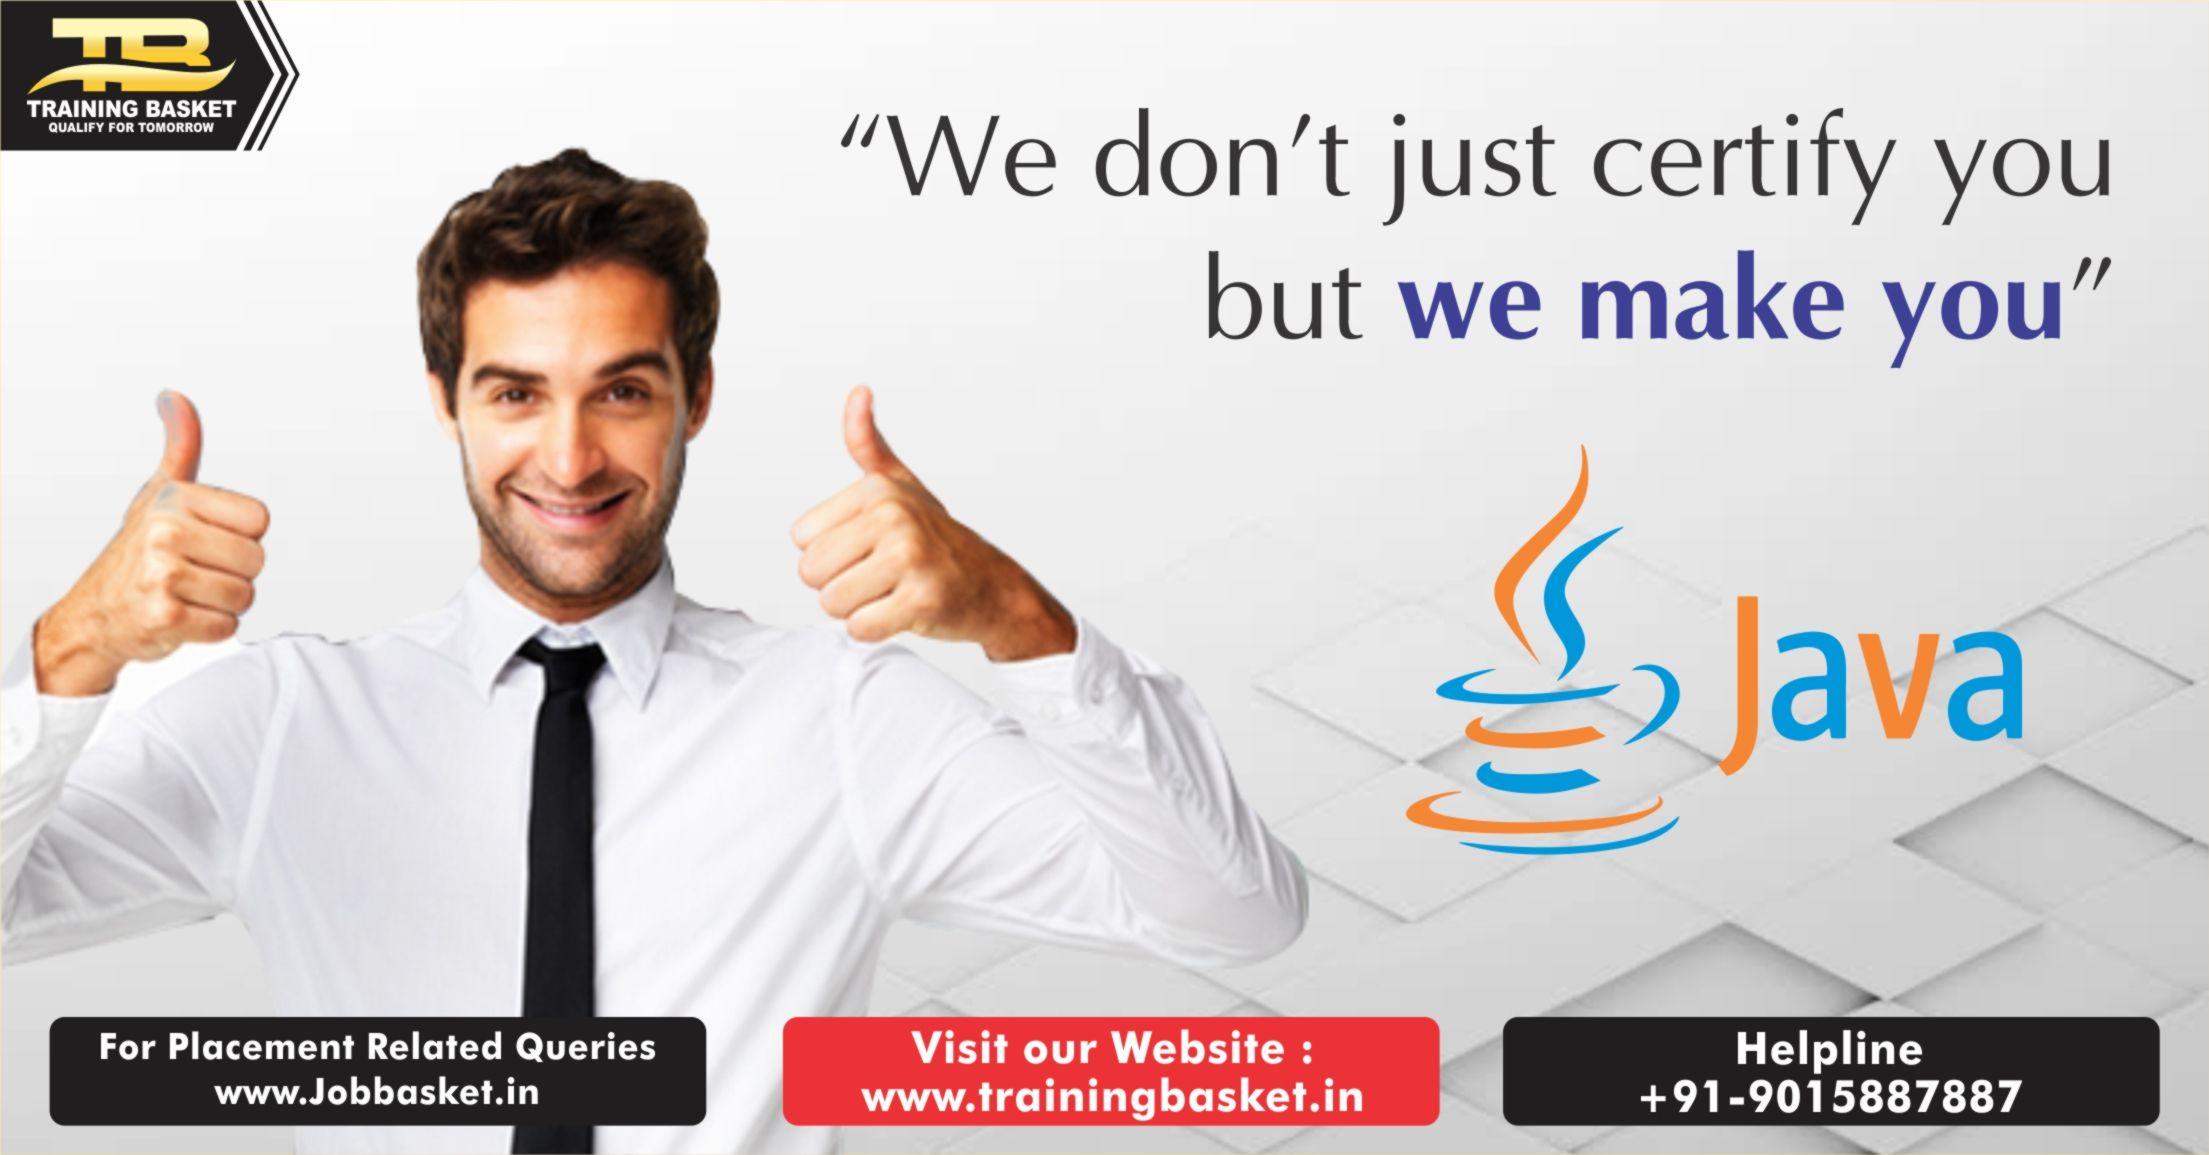 Java training institute in noidajava training in noida